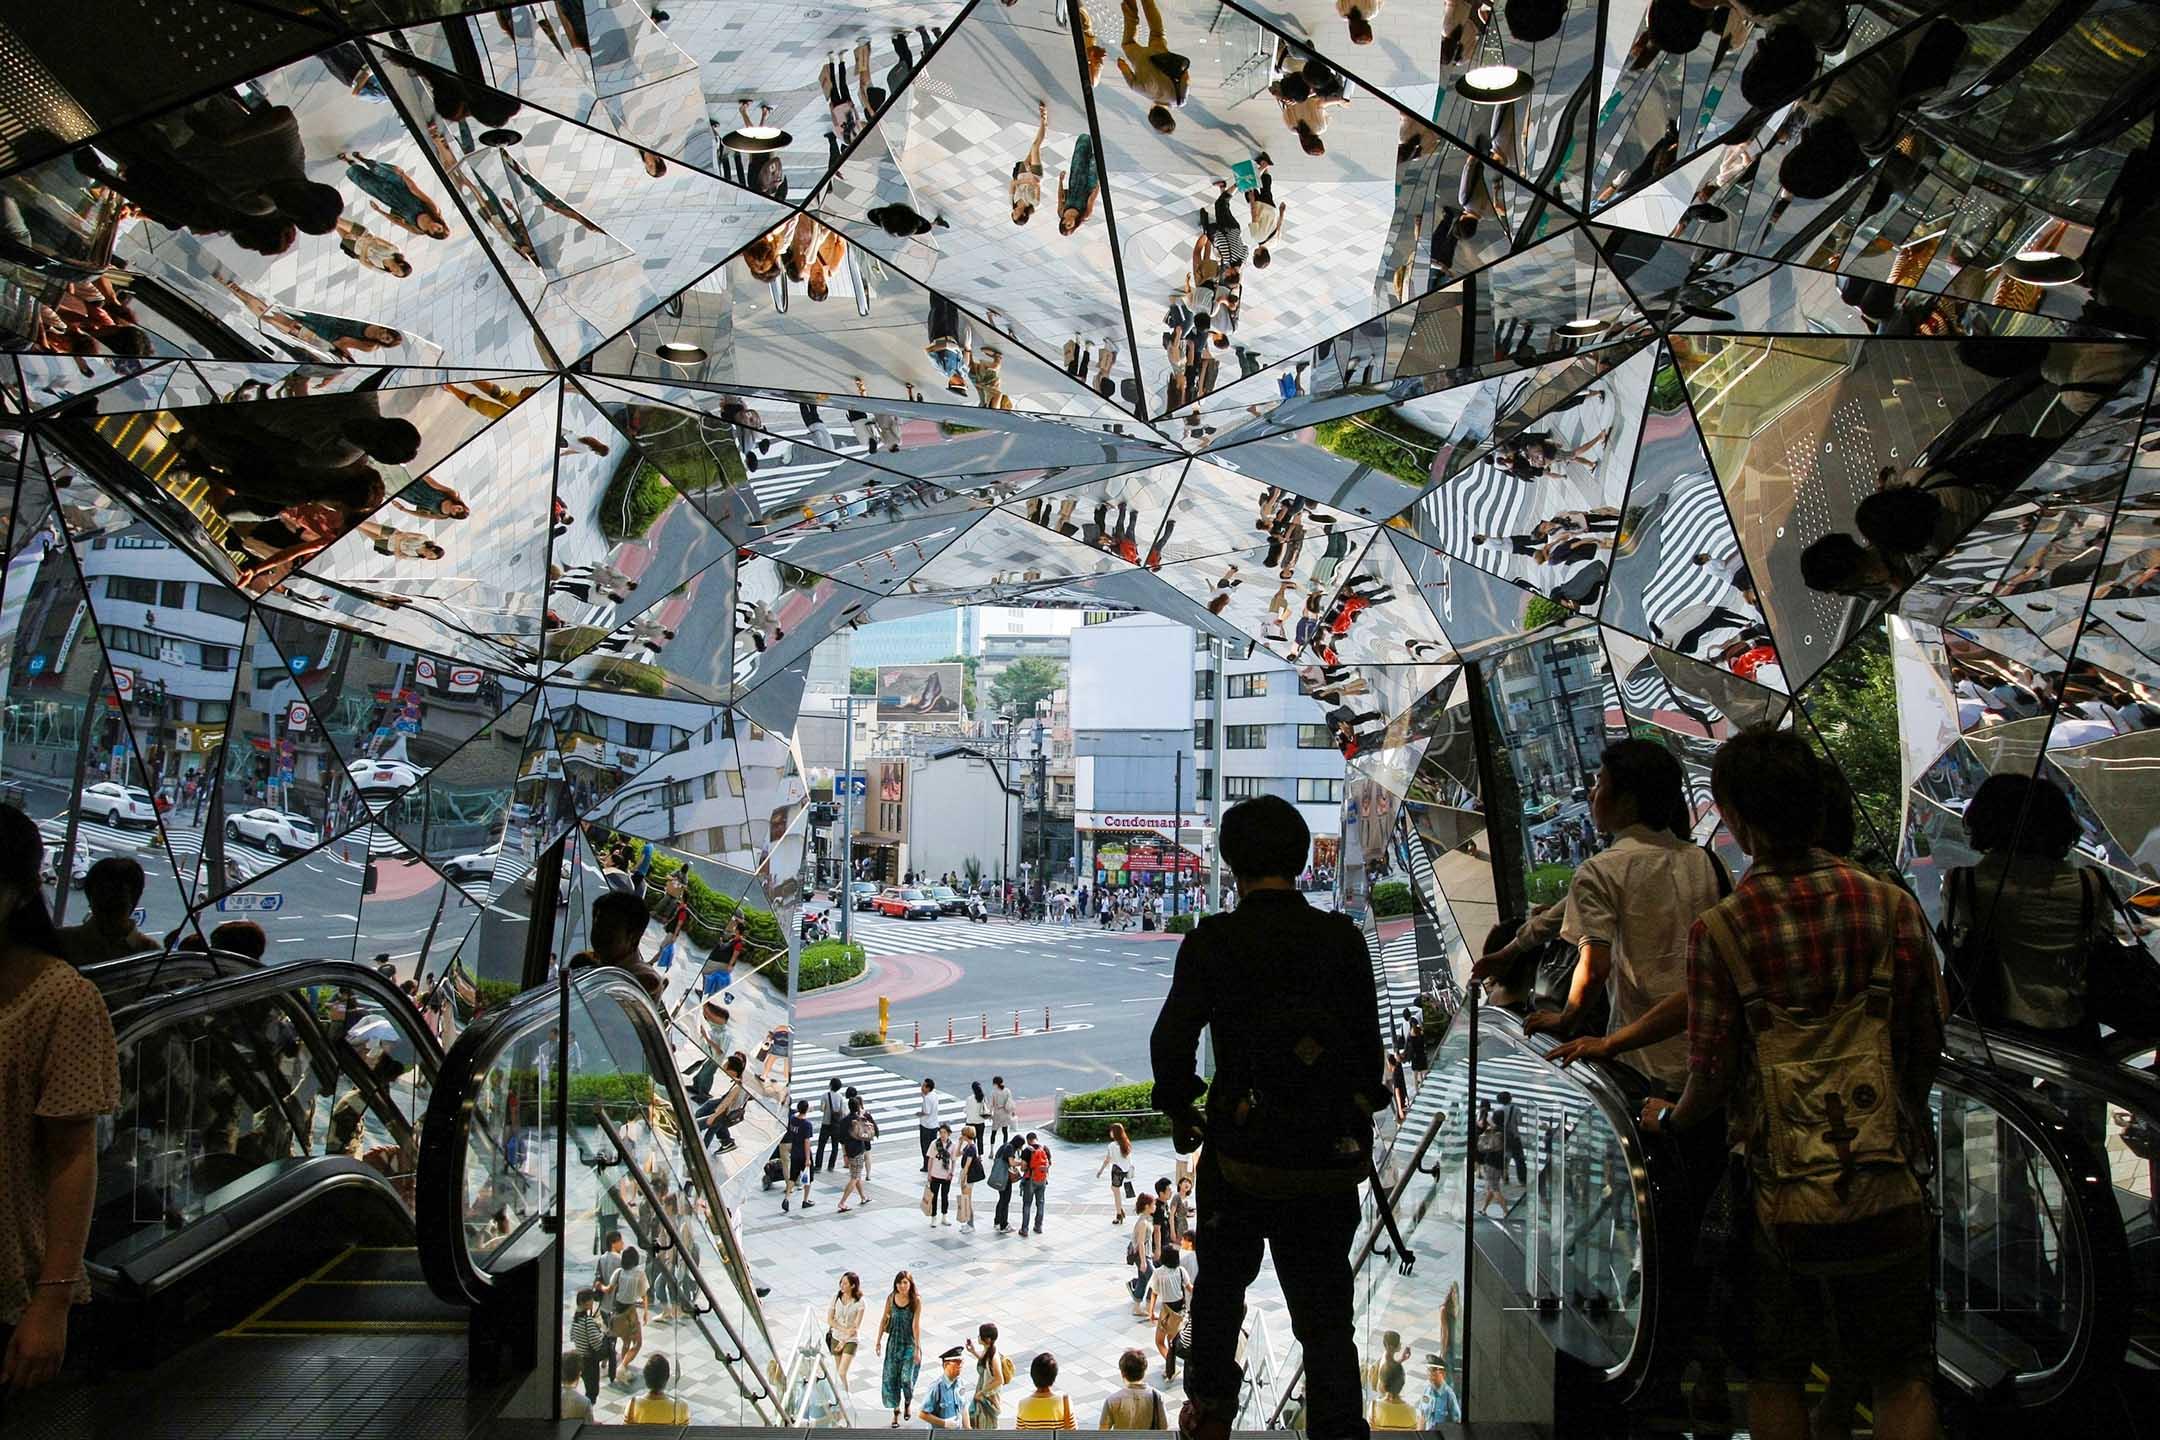 2015年5月30日,人被反映在東京都原宿時尚區的鏡子裡。 攝:Hitoshi Yamada/NurPhoto via Getty Images